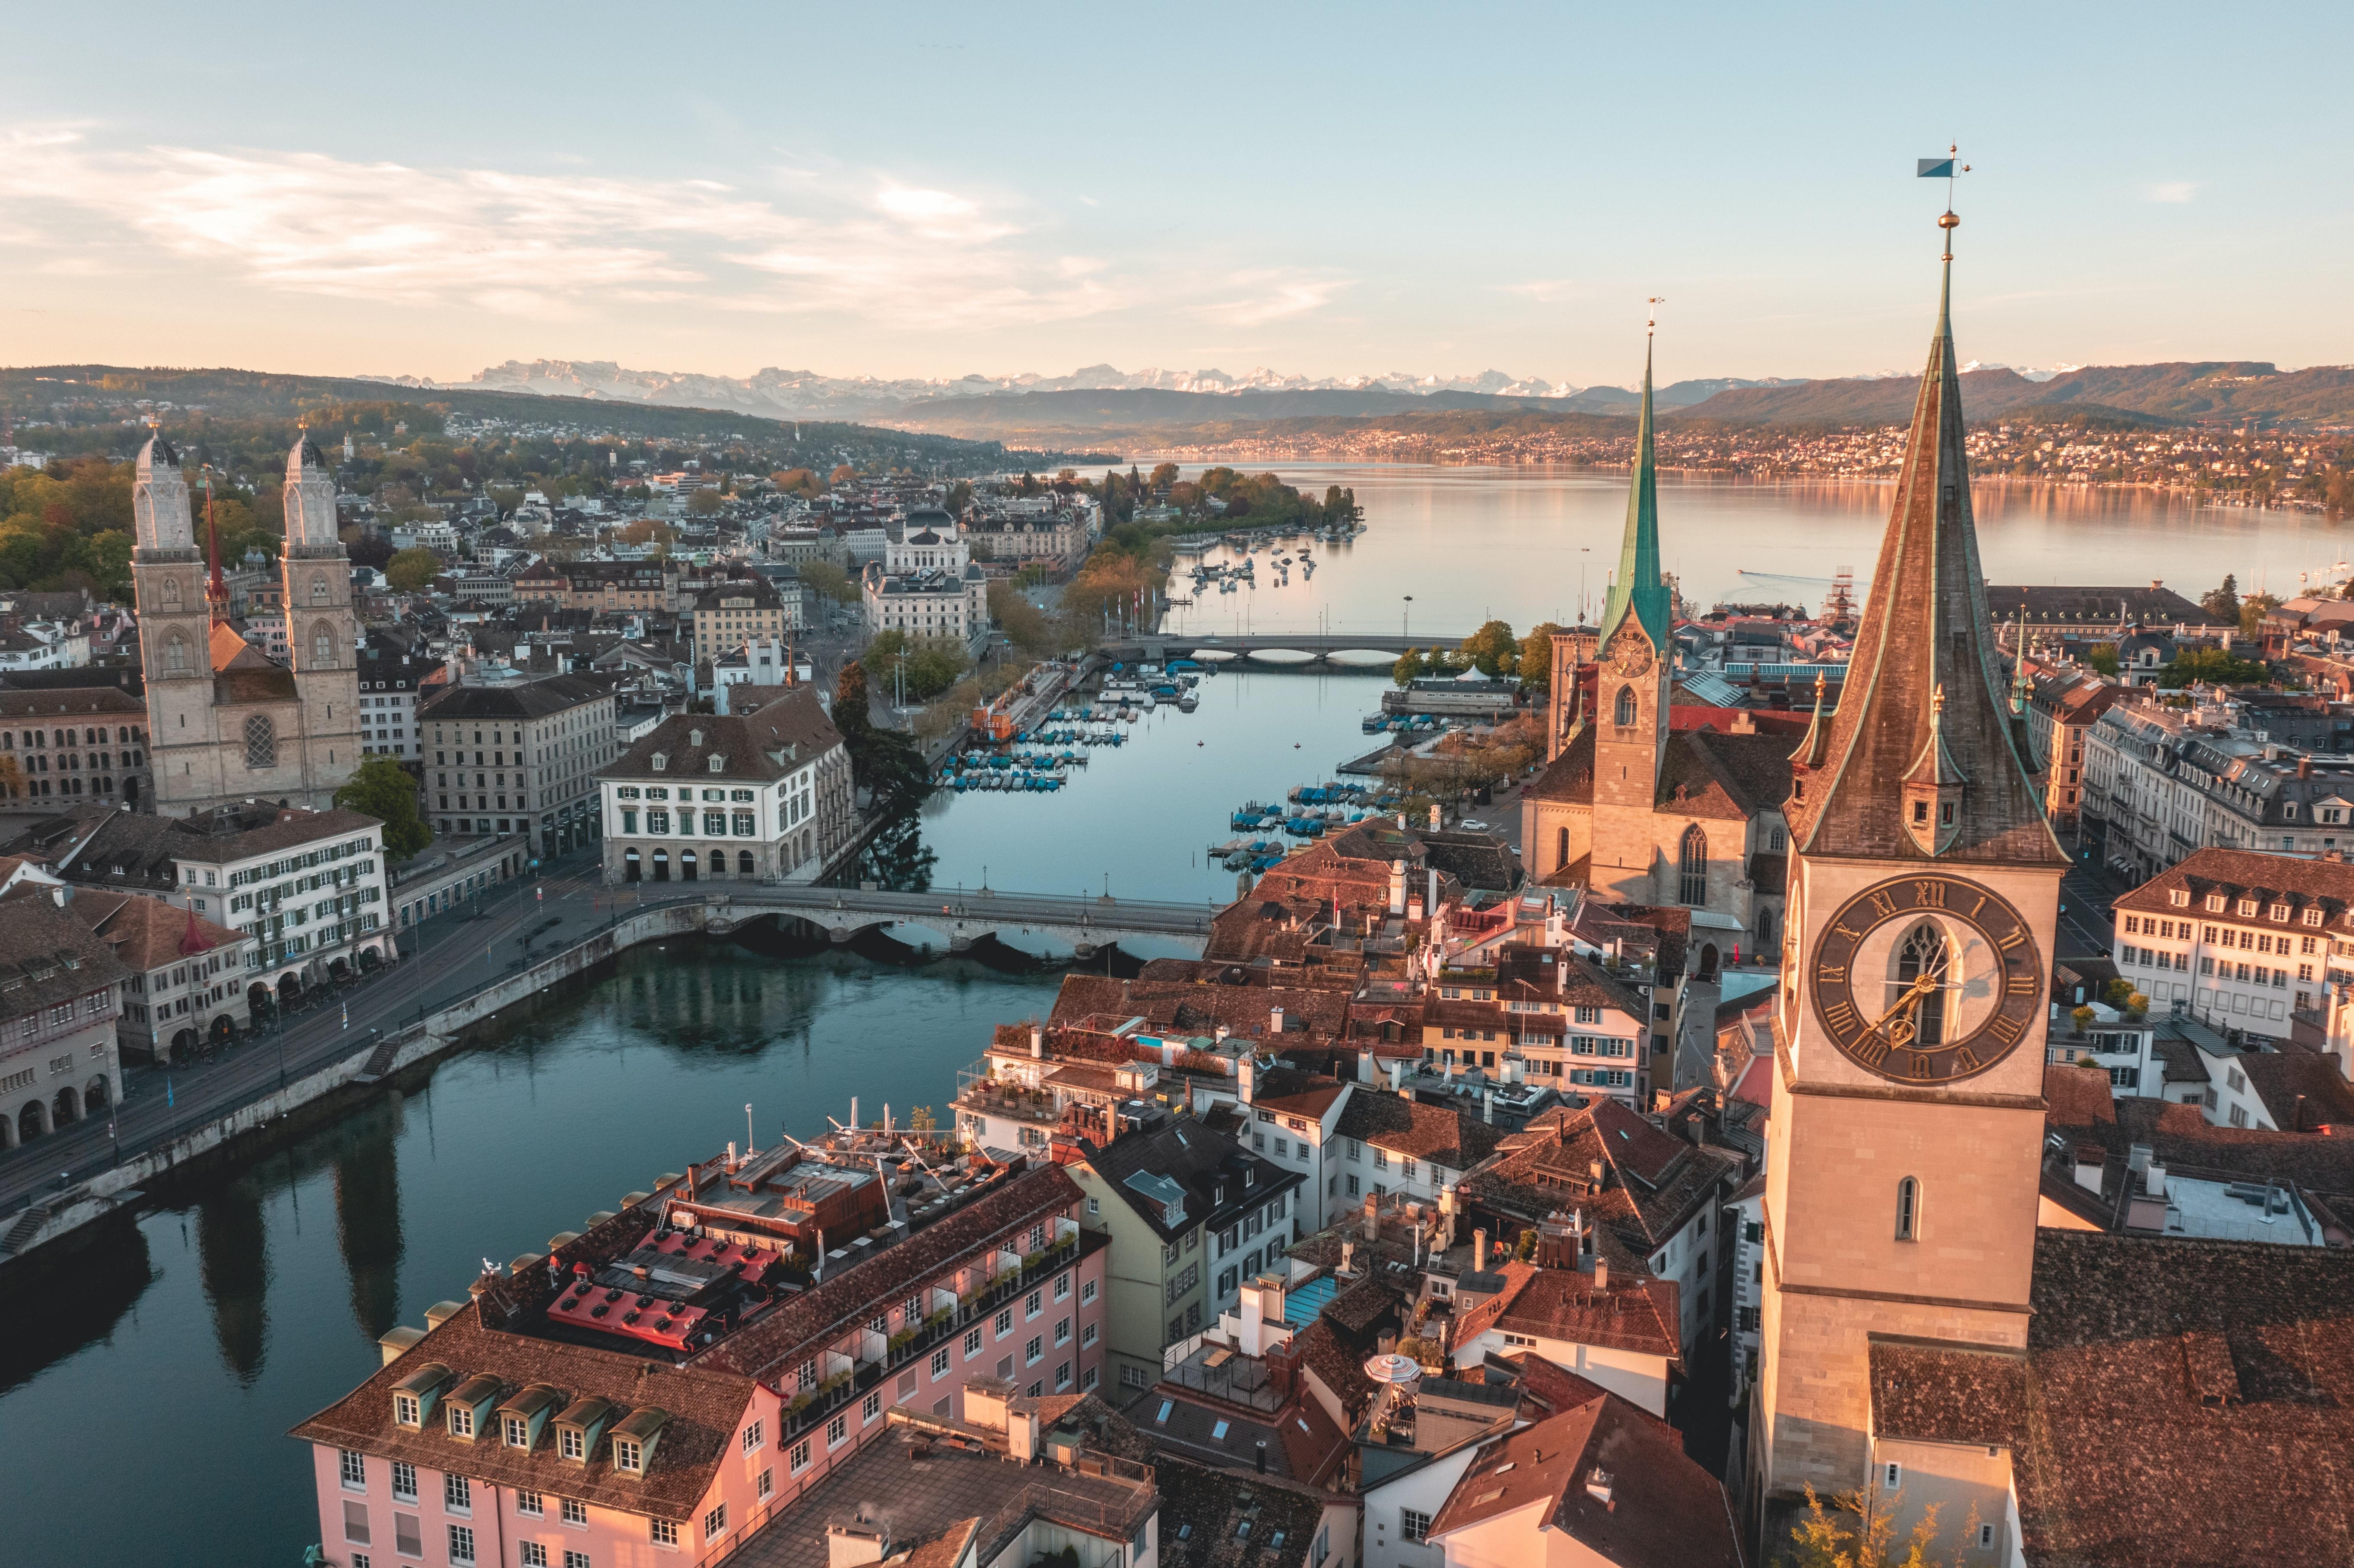 Zurich, Honeymoon place in Switzerland